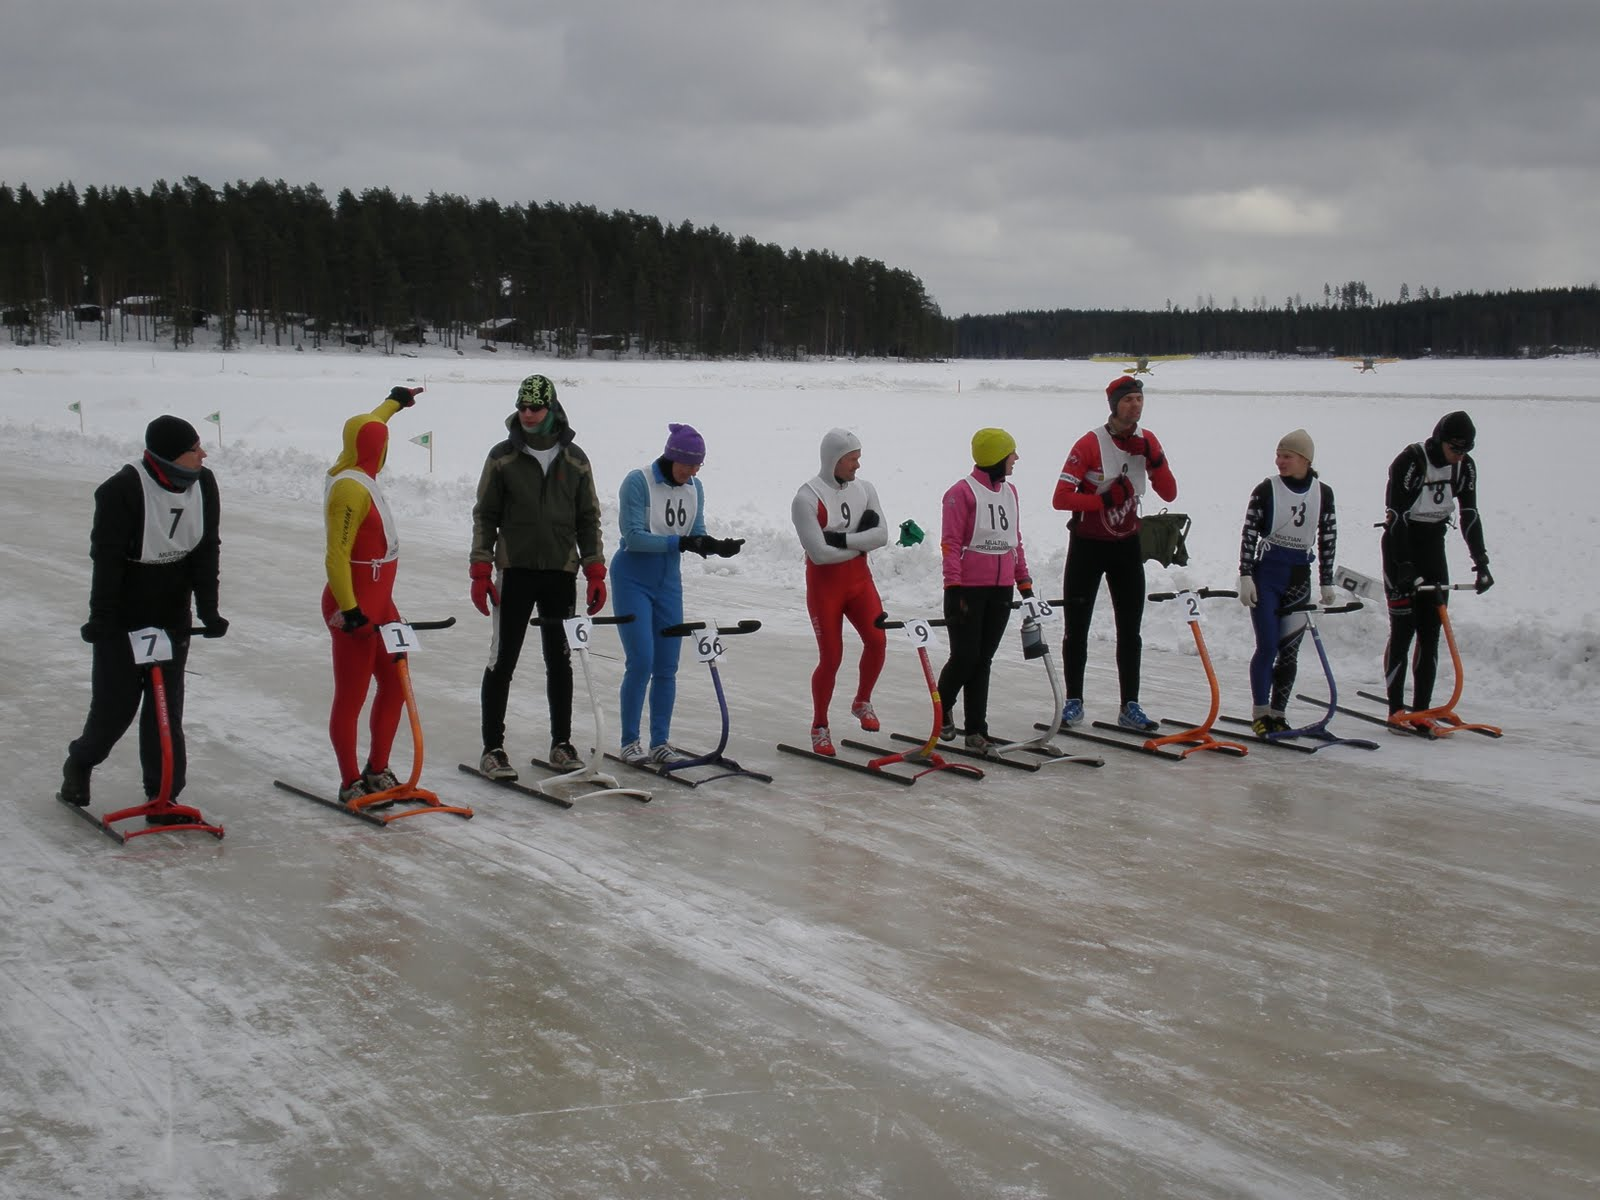 Potkulautailua Kickbikella ja potkukelkkailua: Suonenjoki Ice Marathon ilmoittautuminen!